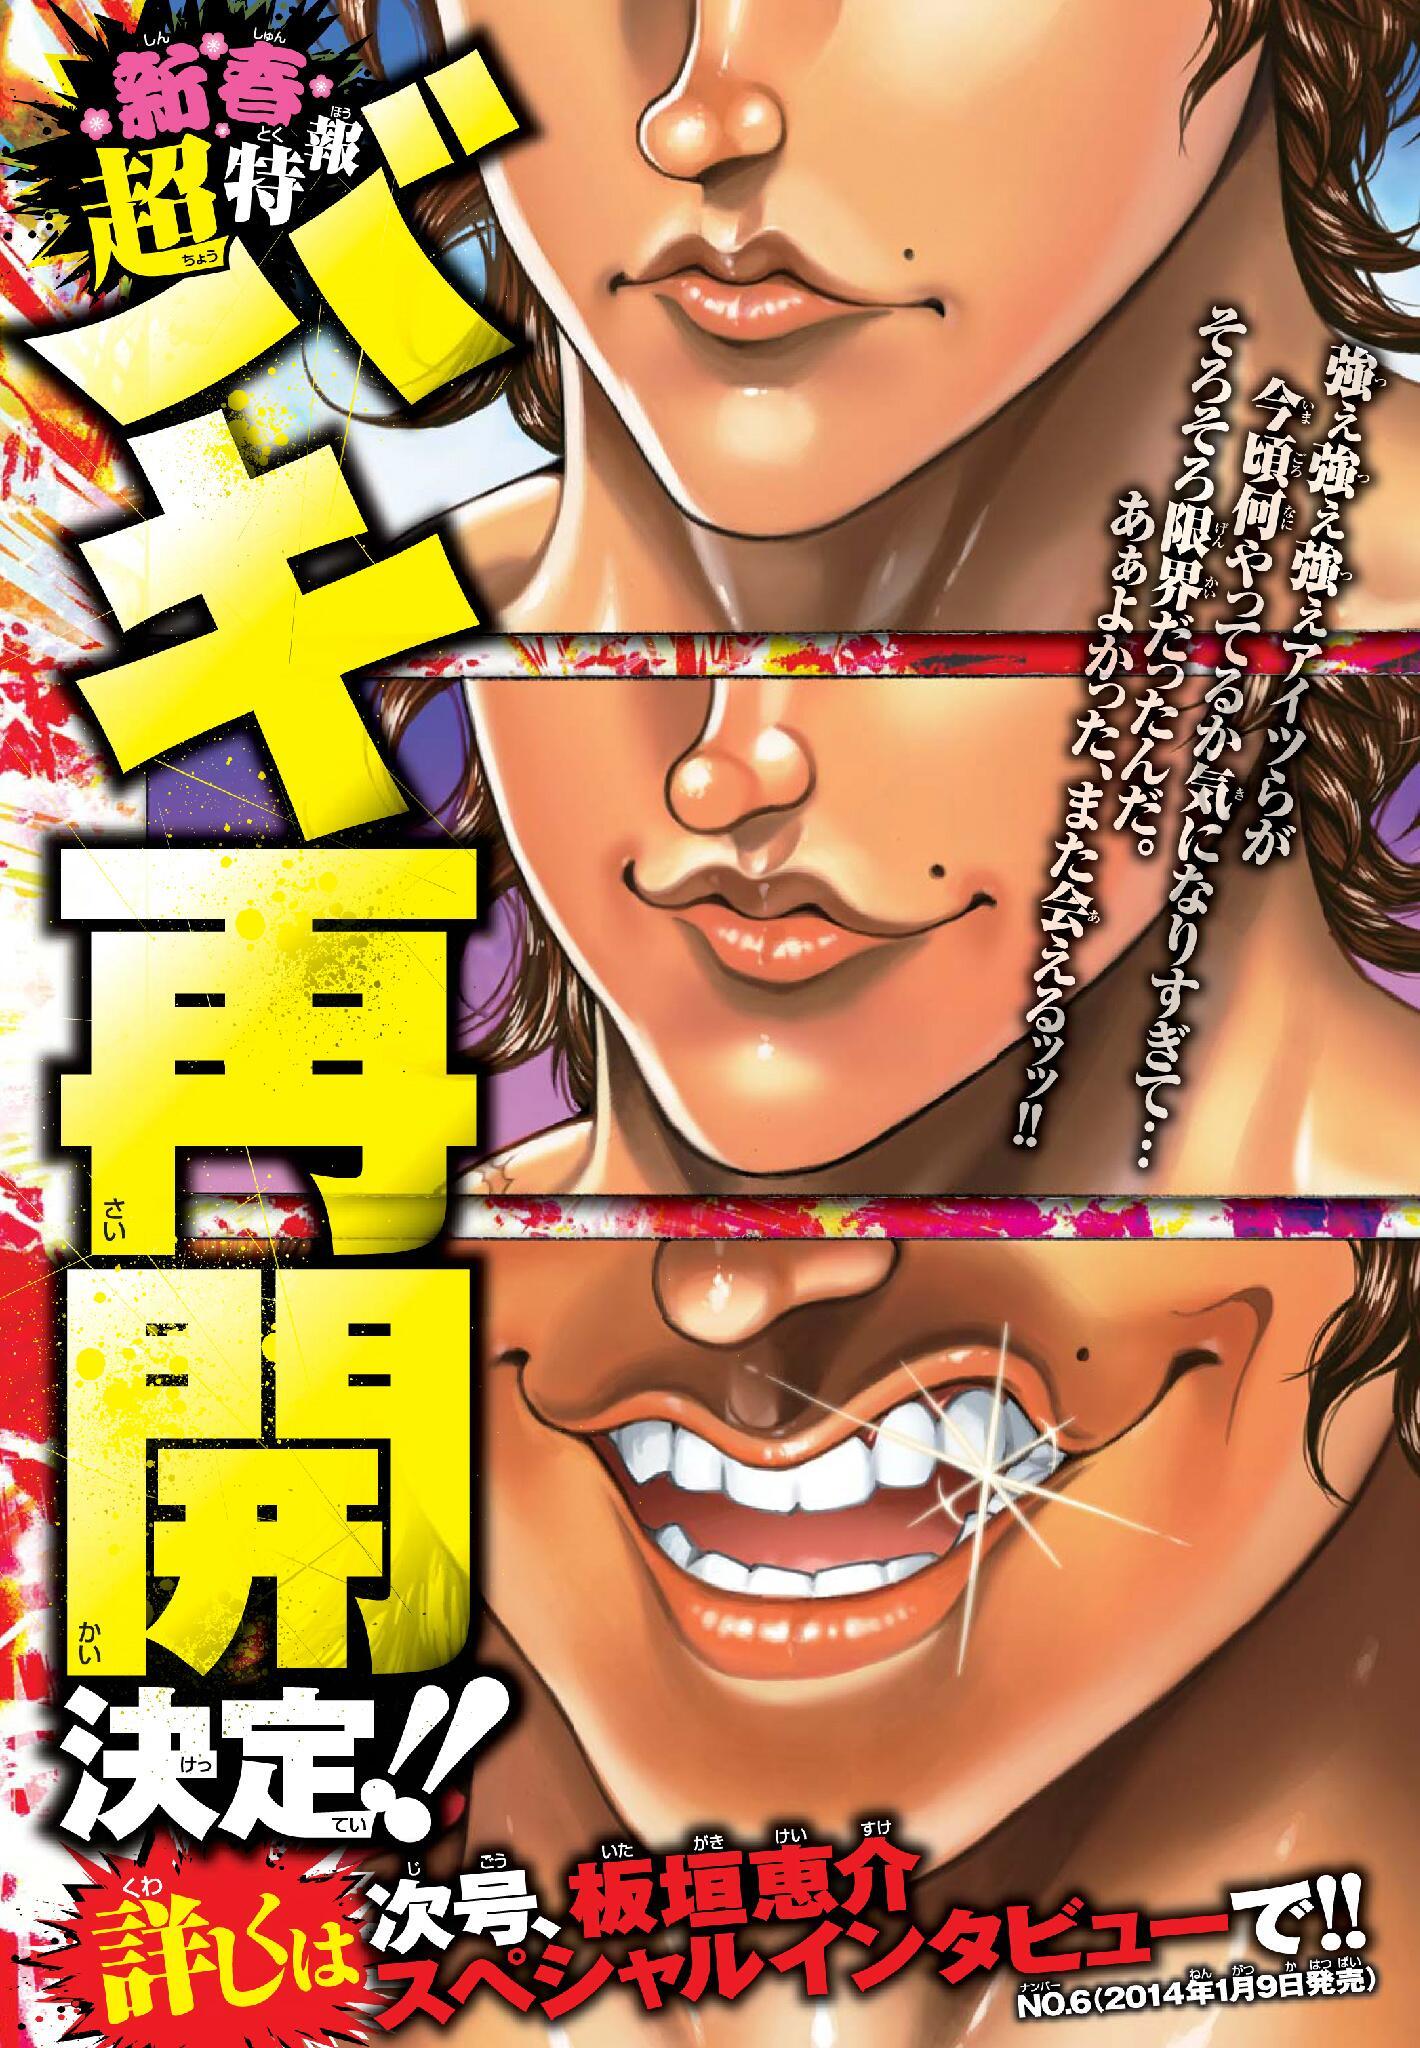 Baki Manga By Keisuke Itagaki Returns To Print Soon